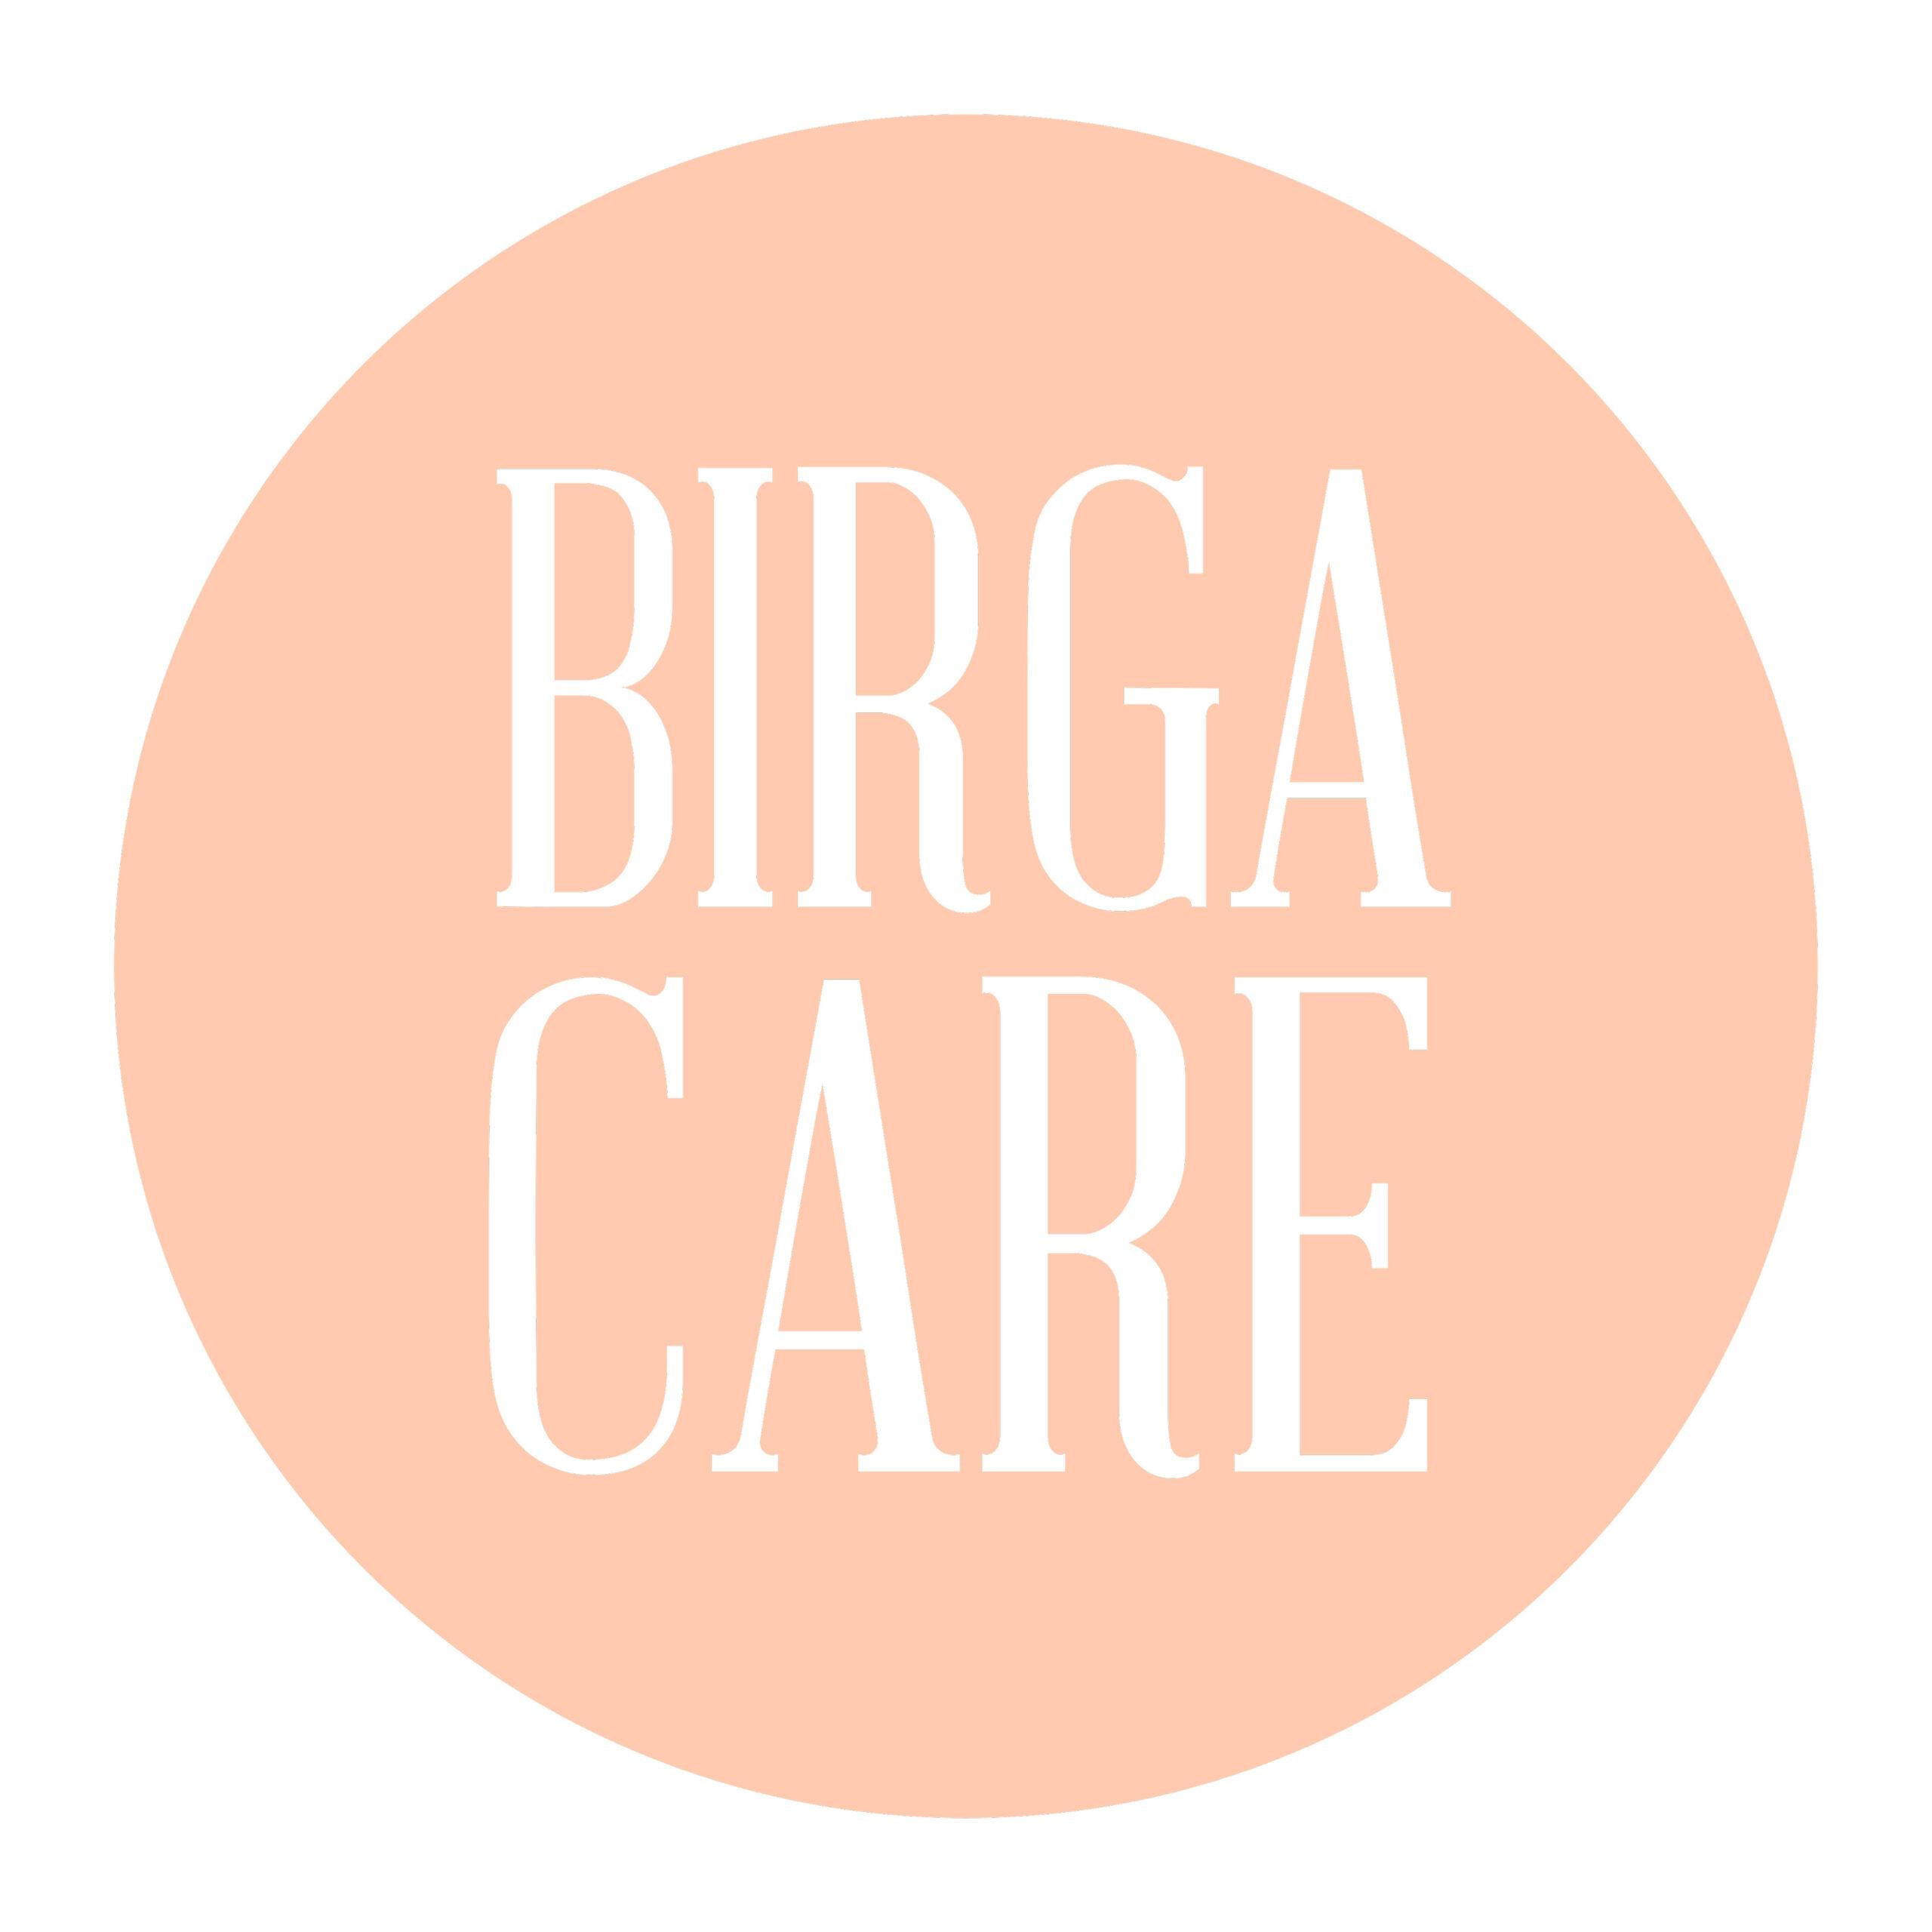 BirgaCare